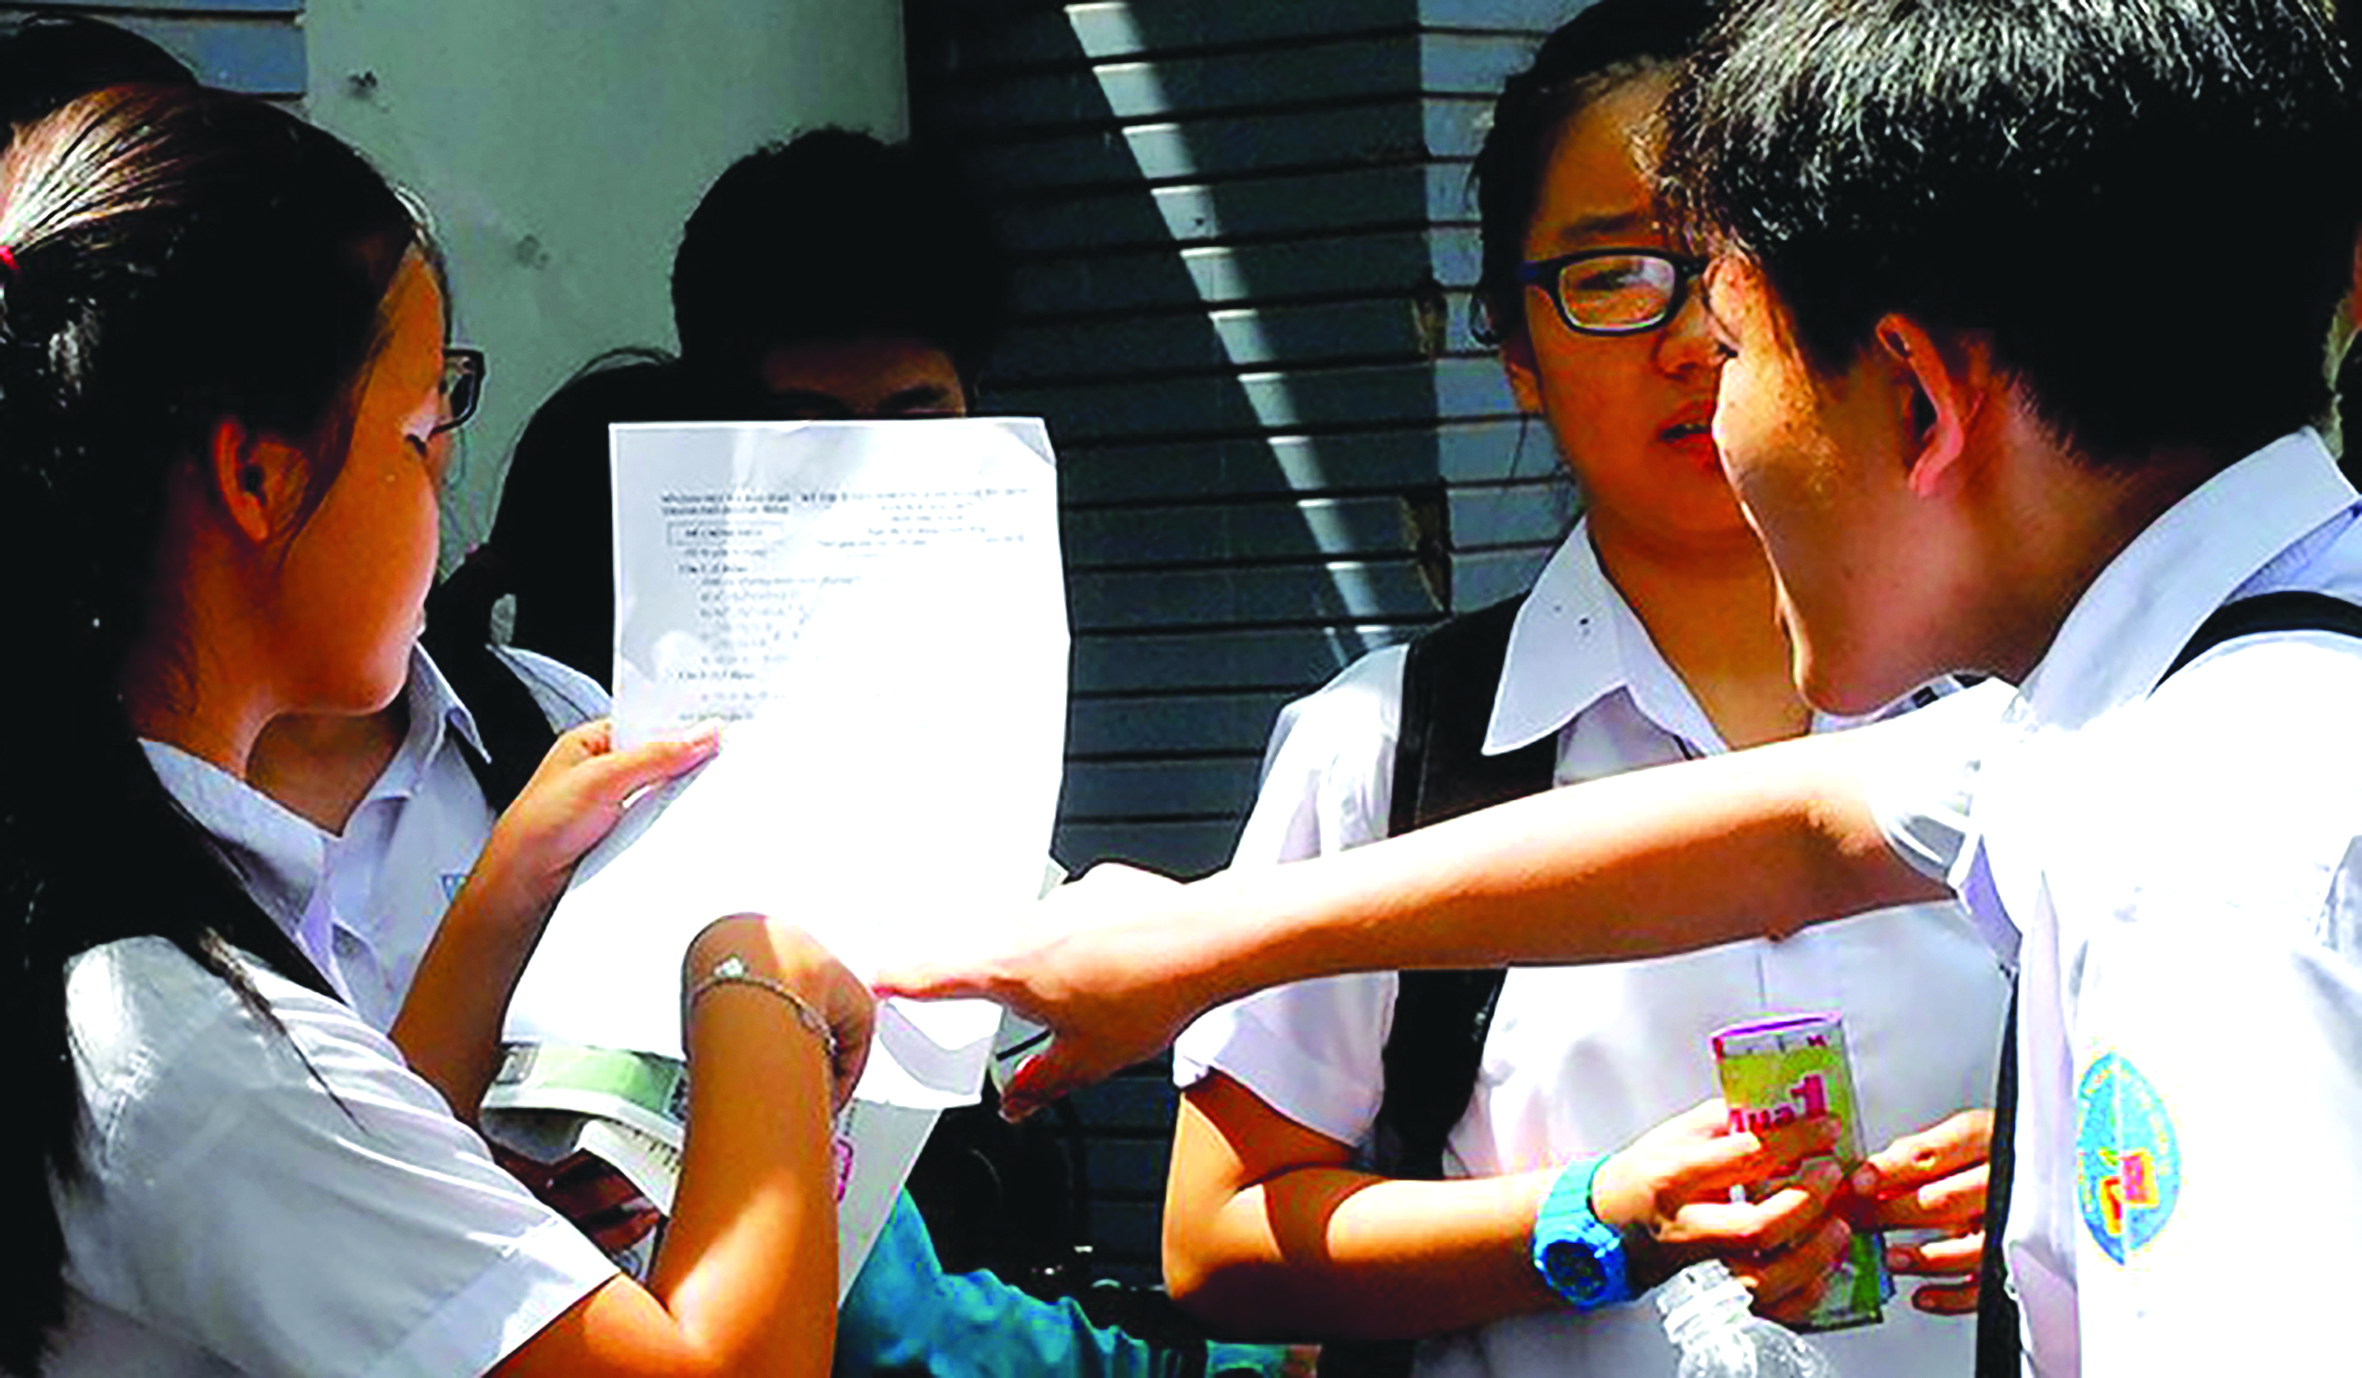 Thí sinh thi vào lớp 10 năm học 2018 - 2019 TP HCM. ảnh: Pháp luật Việt Nam.